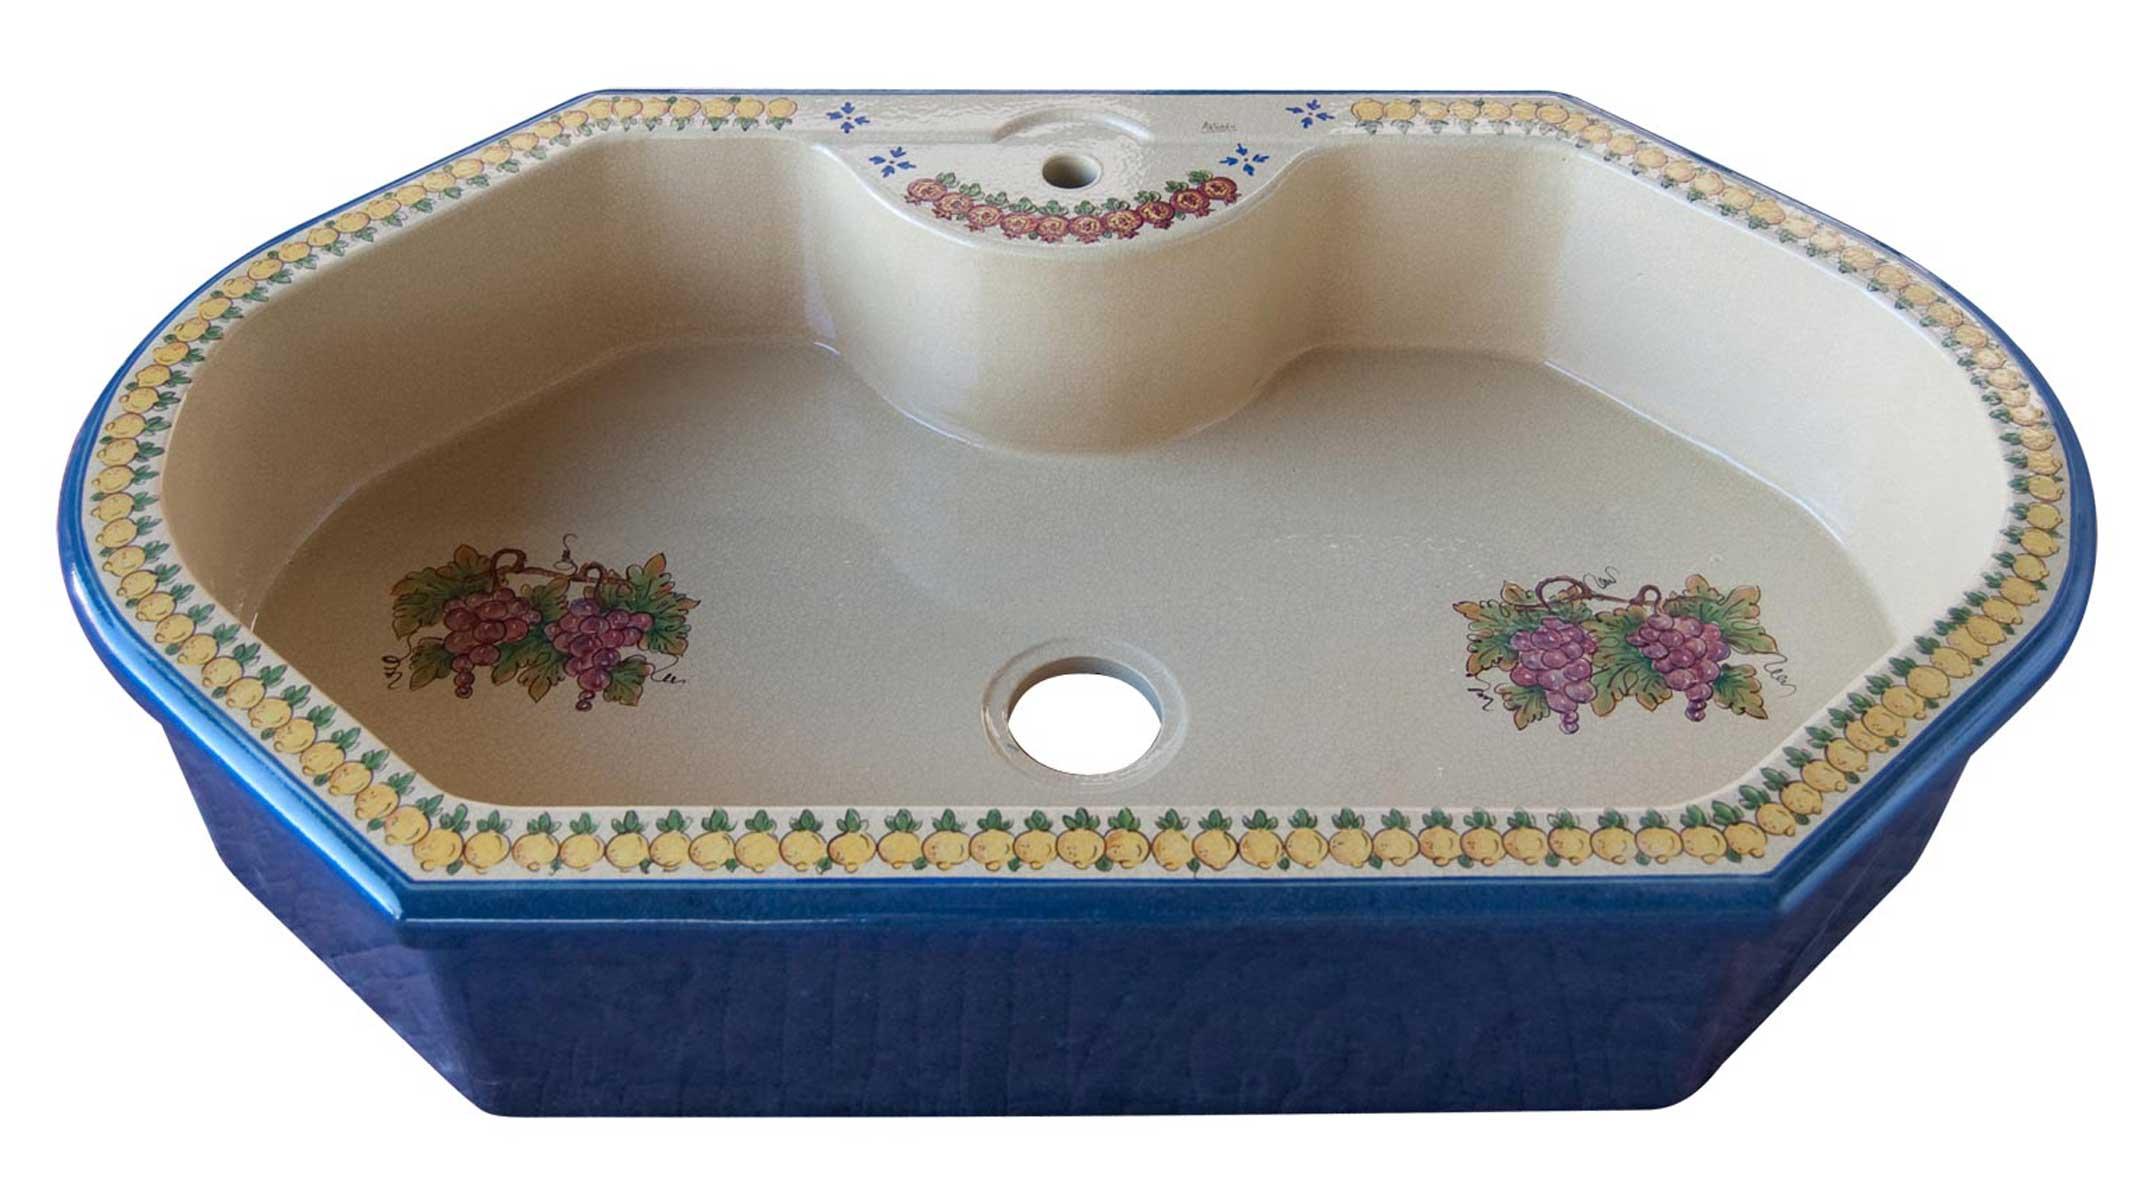 Lavello in Pietra Lavica da incasso 1 vasca | Artesole